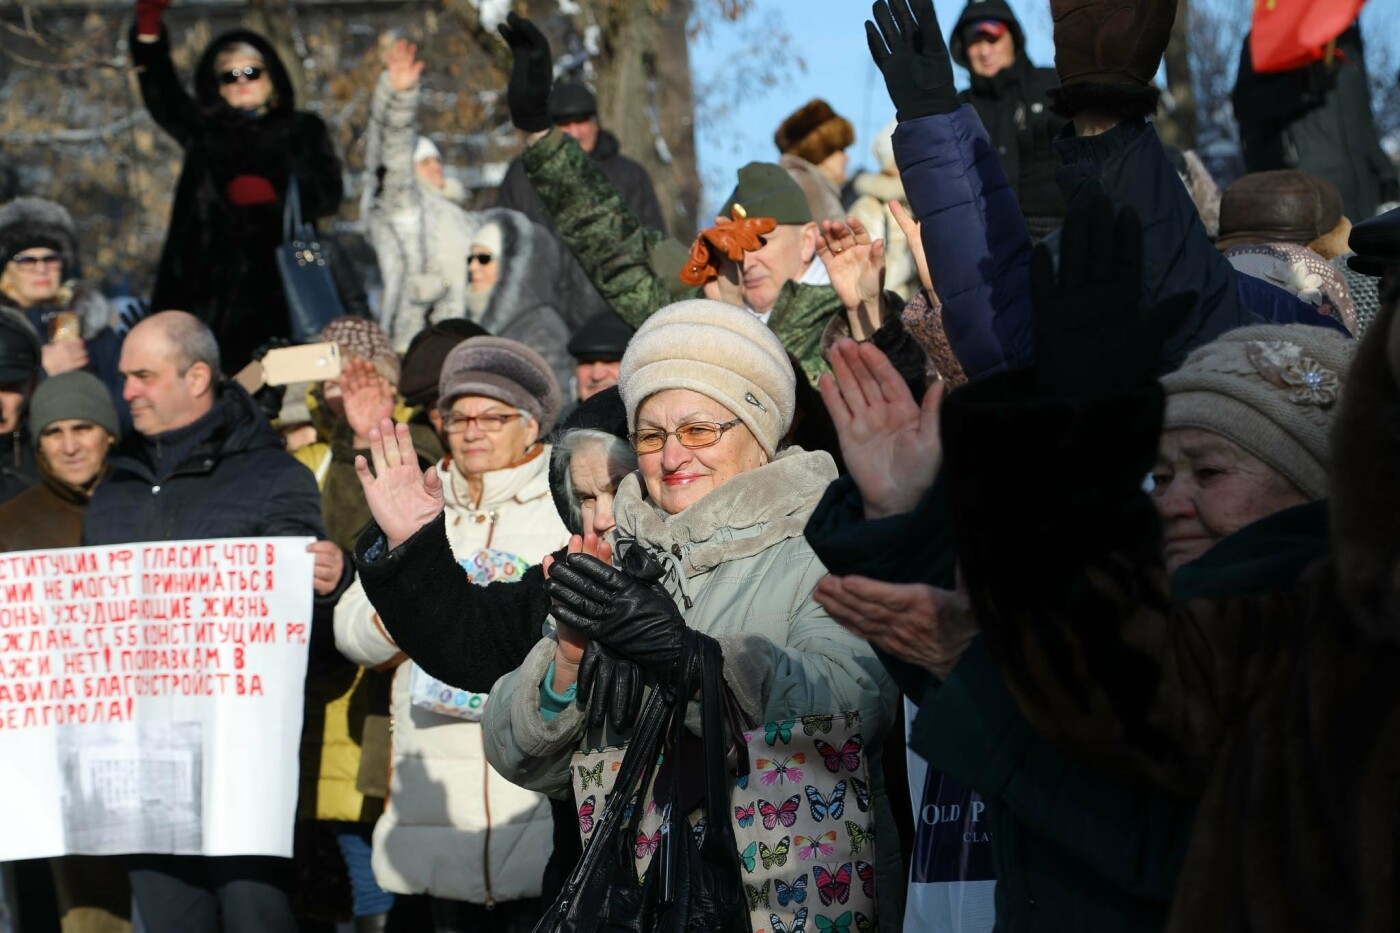 Белгородцы провели массовую акцию против новых правил благоустройства, фото-6, Фото Антона Вергуна